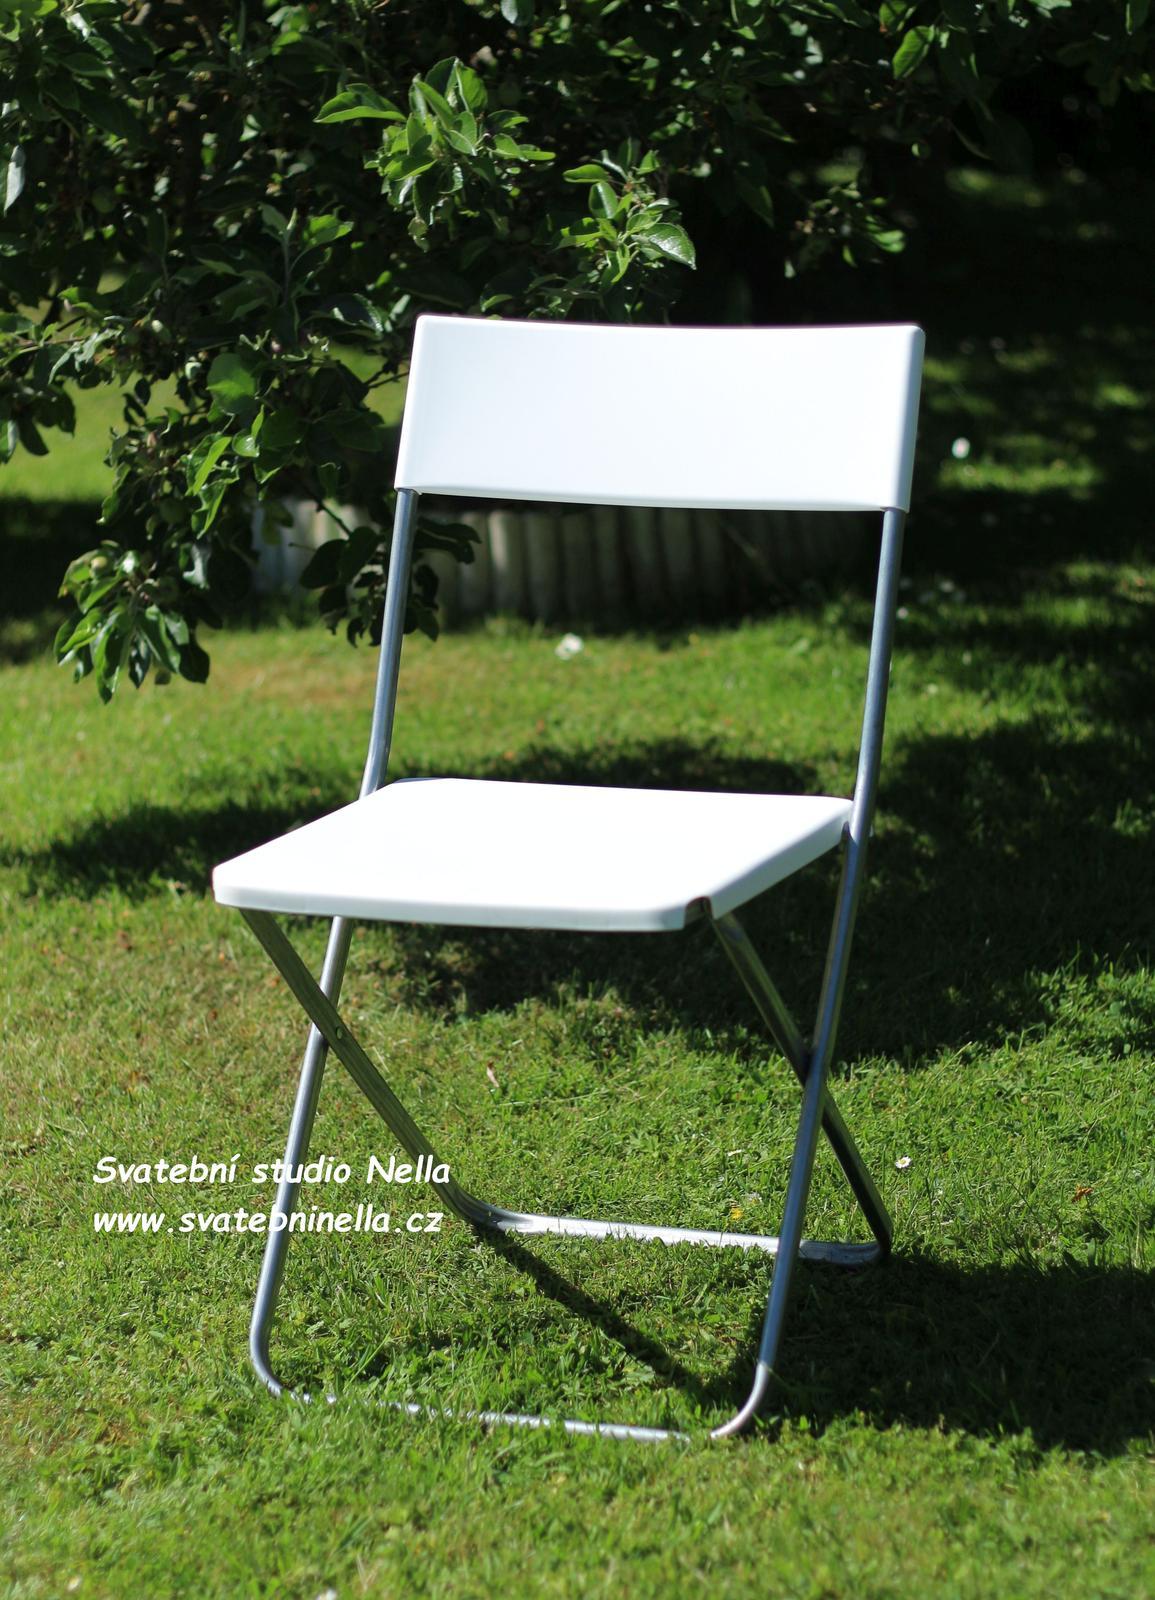 Skládací židle - pronájem - Obrázek č. 1